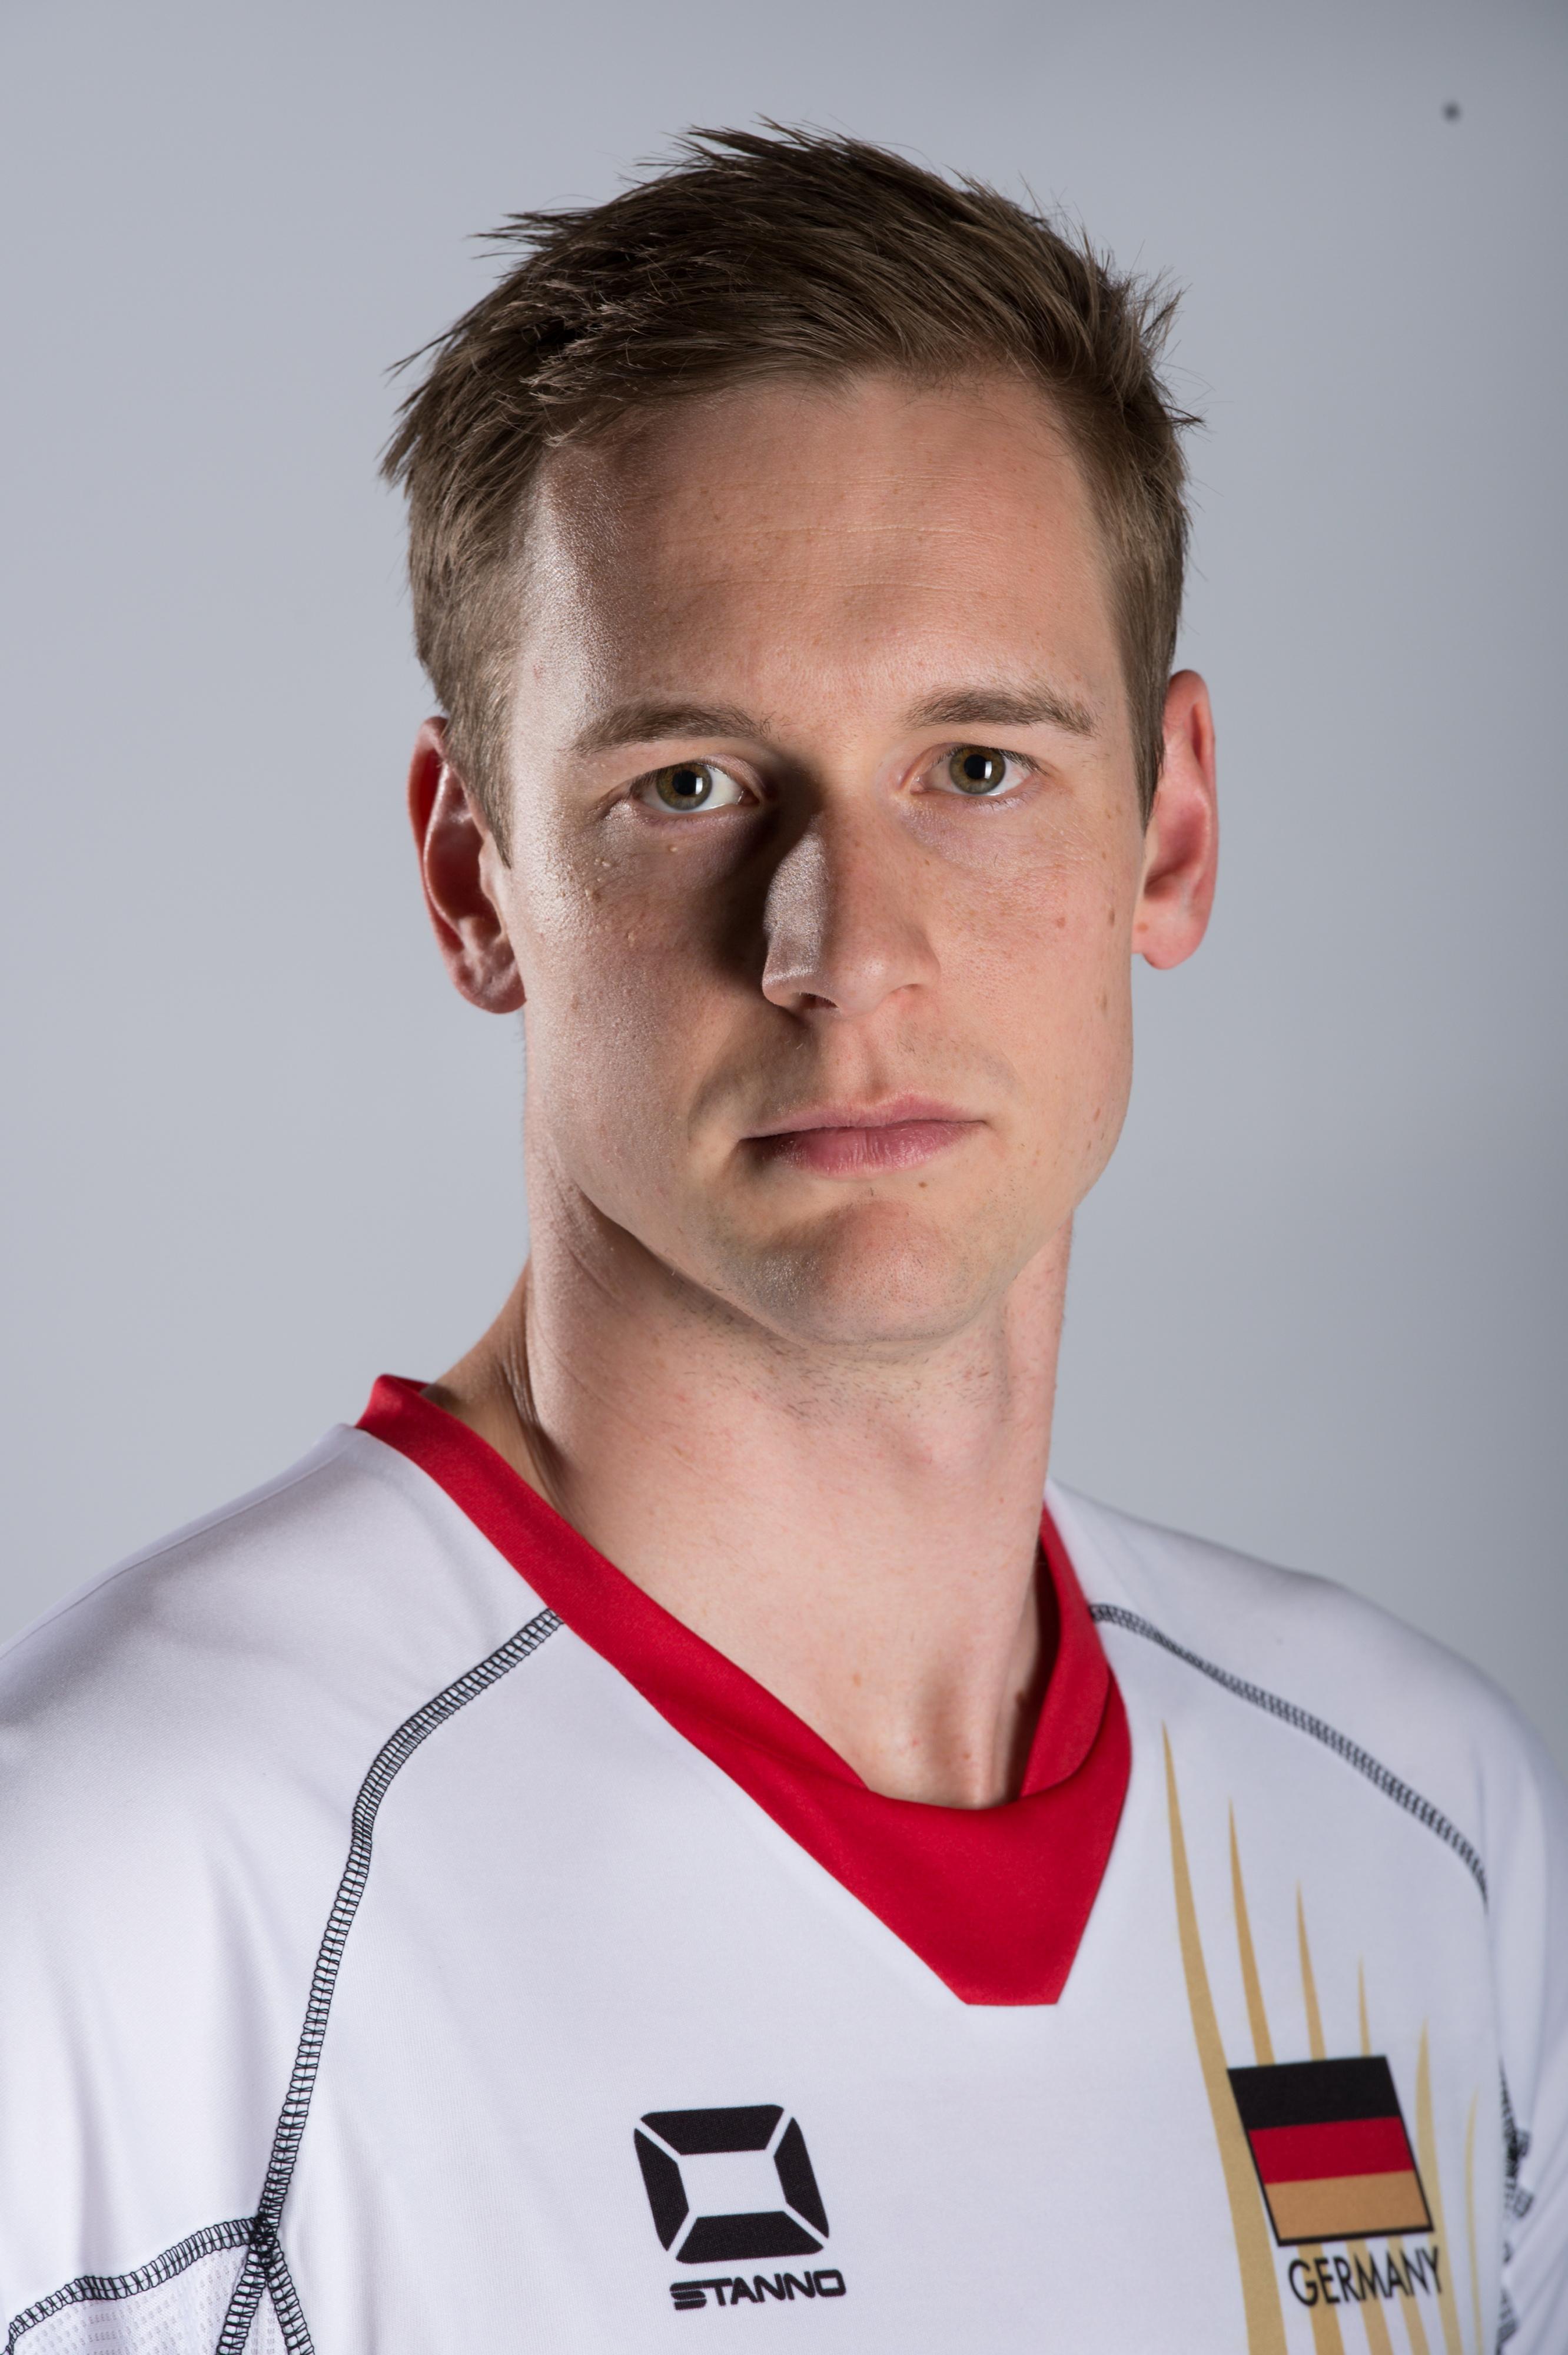 Sebastian Kühner